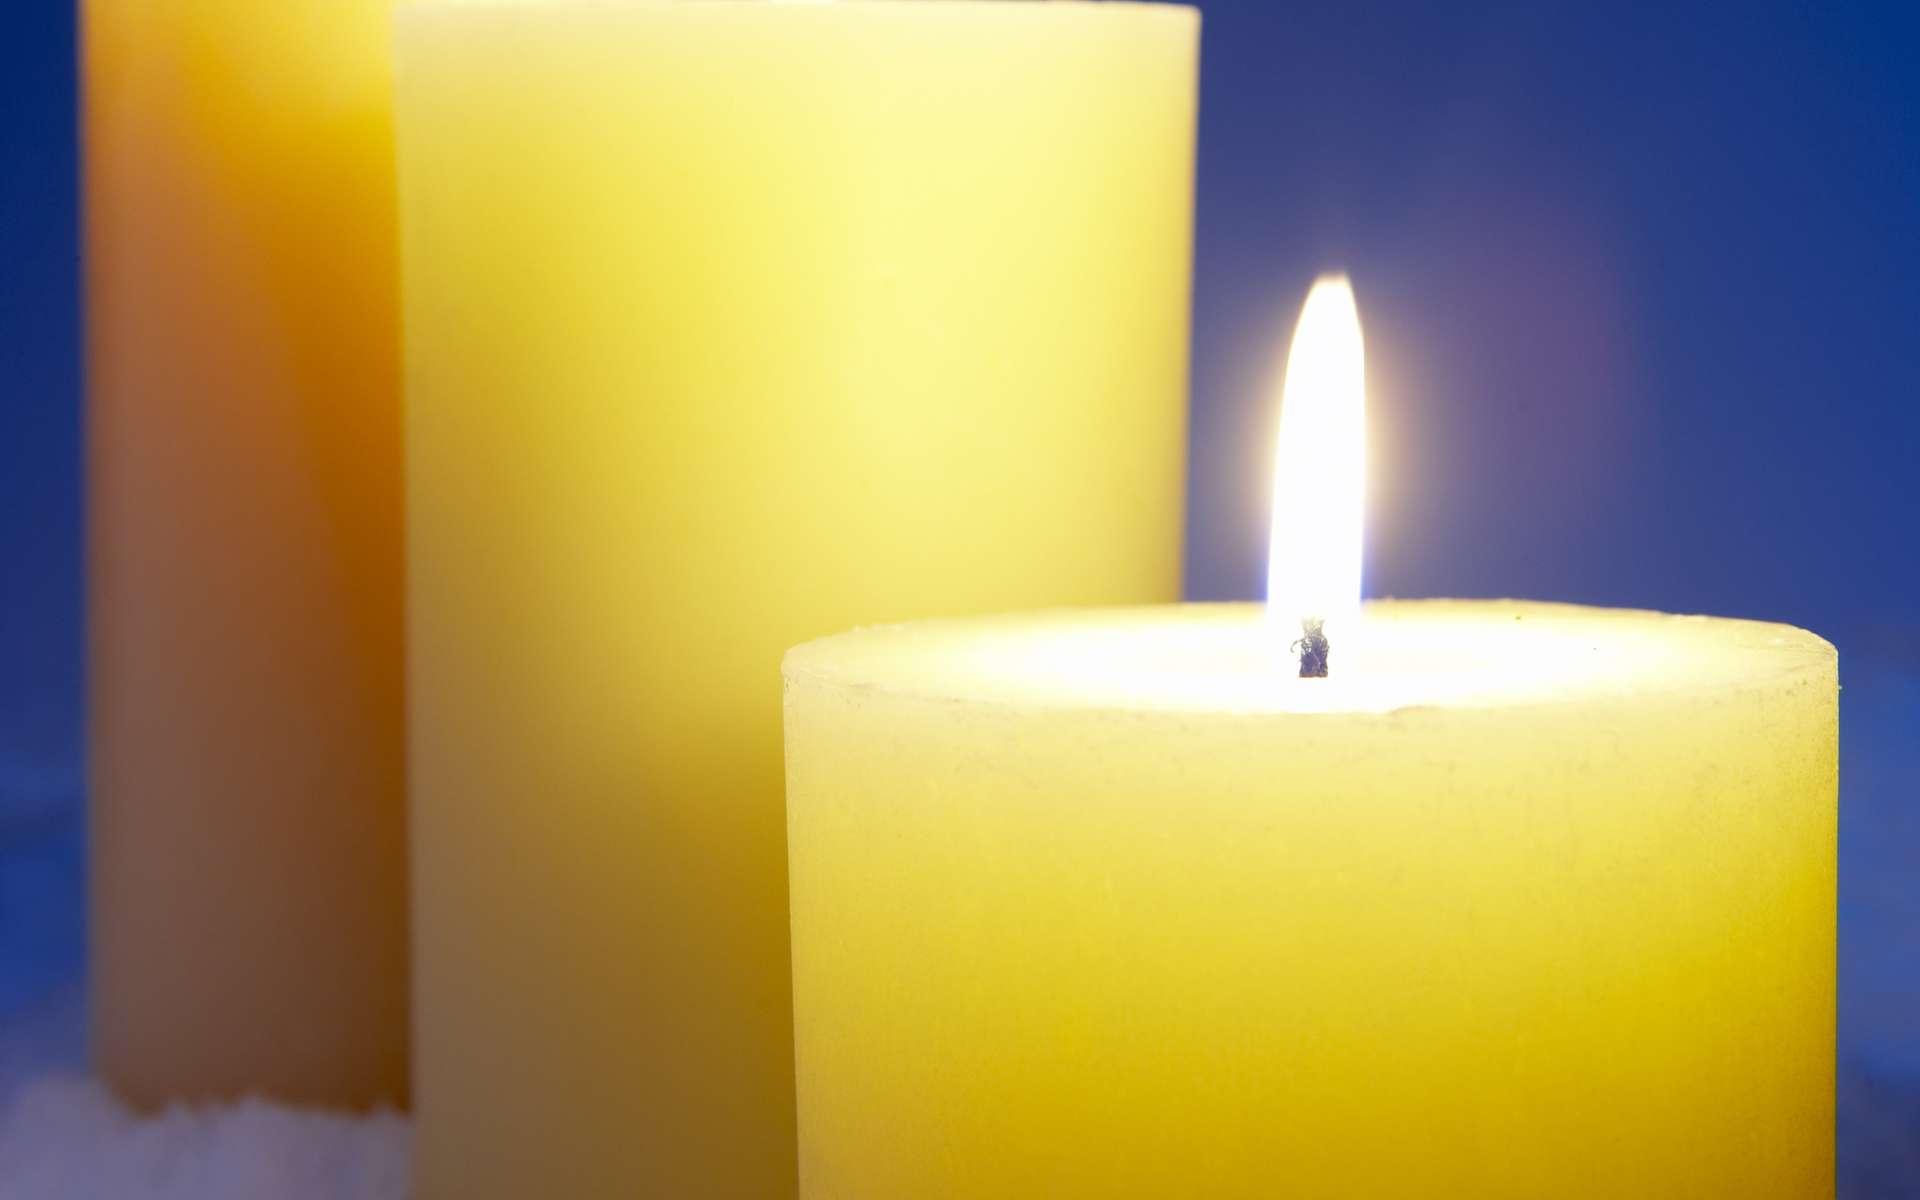 Un simple feu de cheminée ou une bougie peut être insupportable aux yeux d'un pyrophobe. © Phovoir